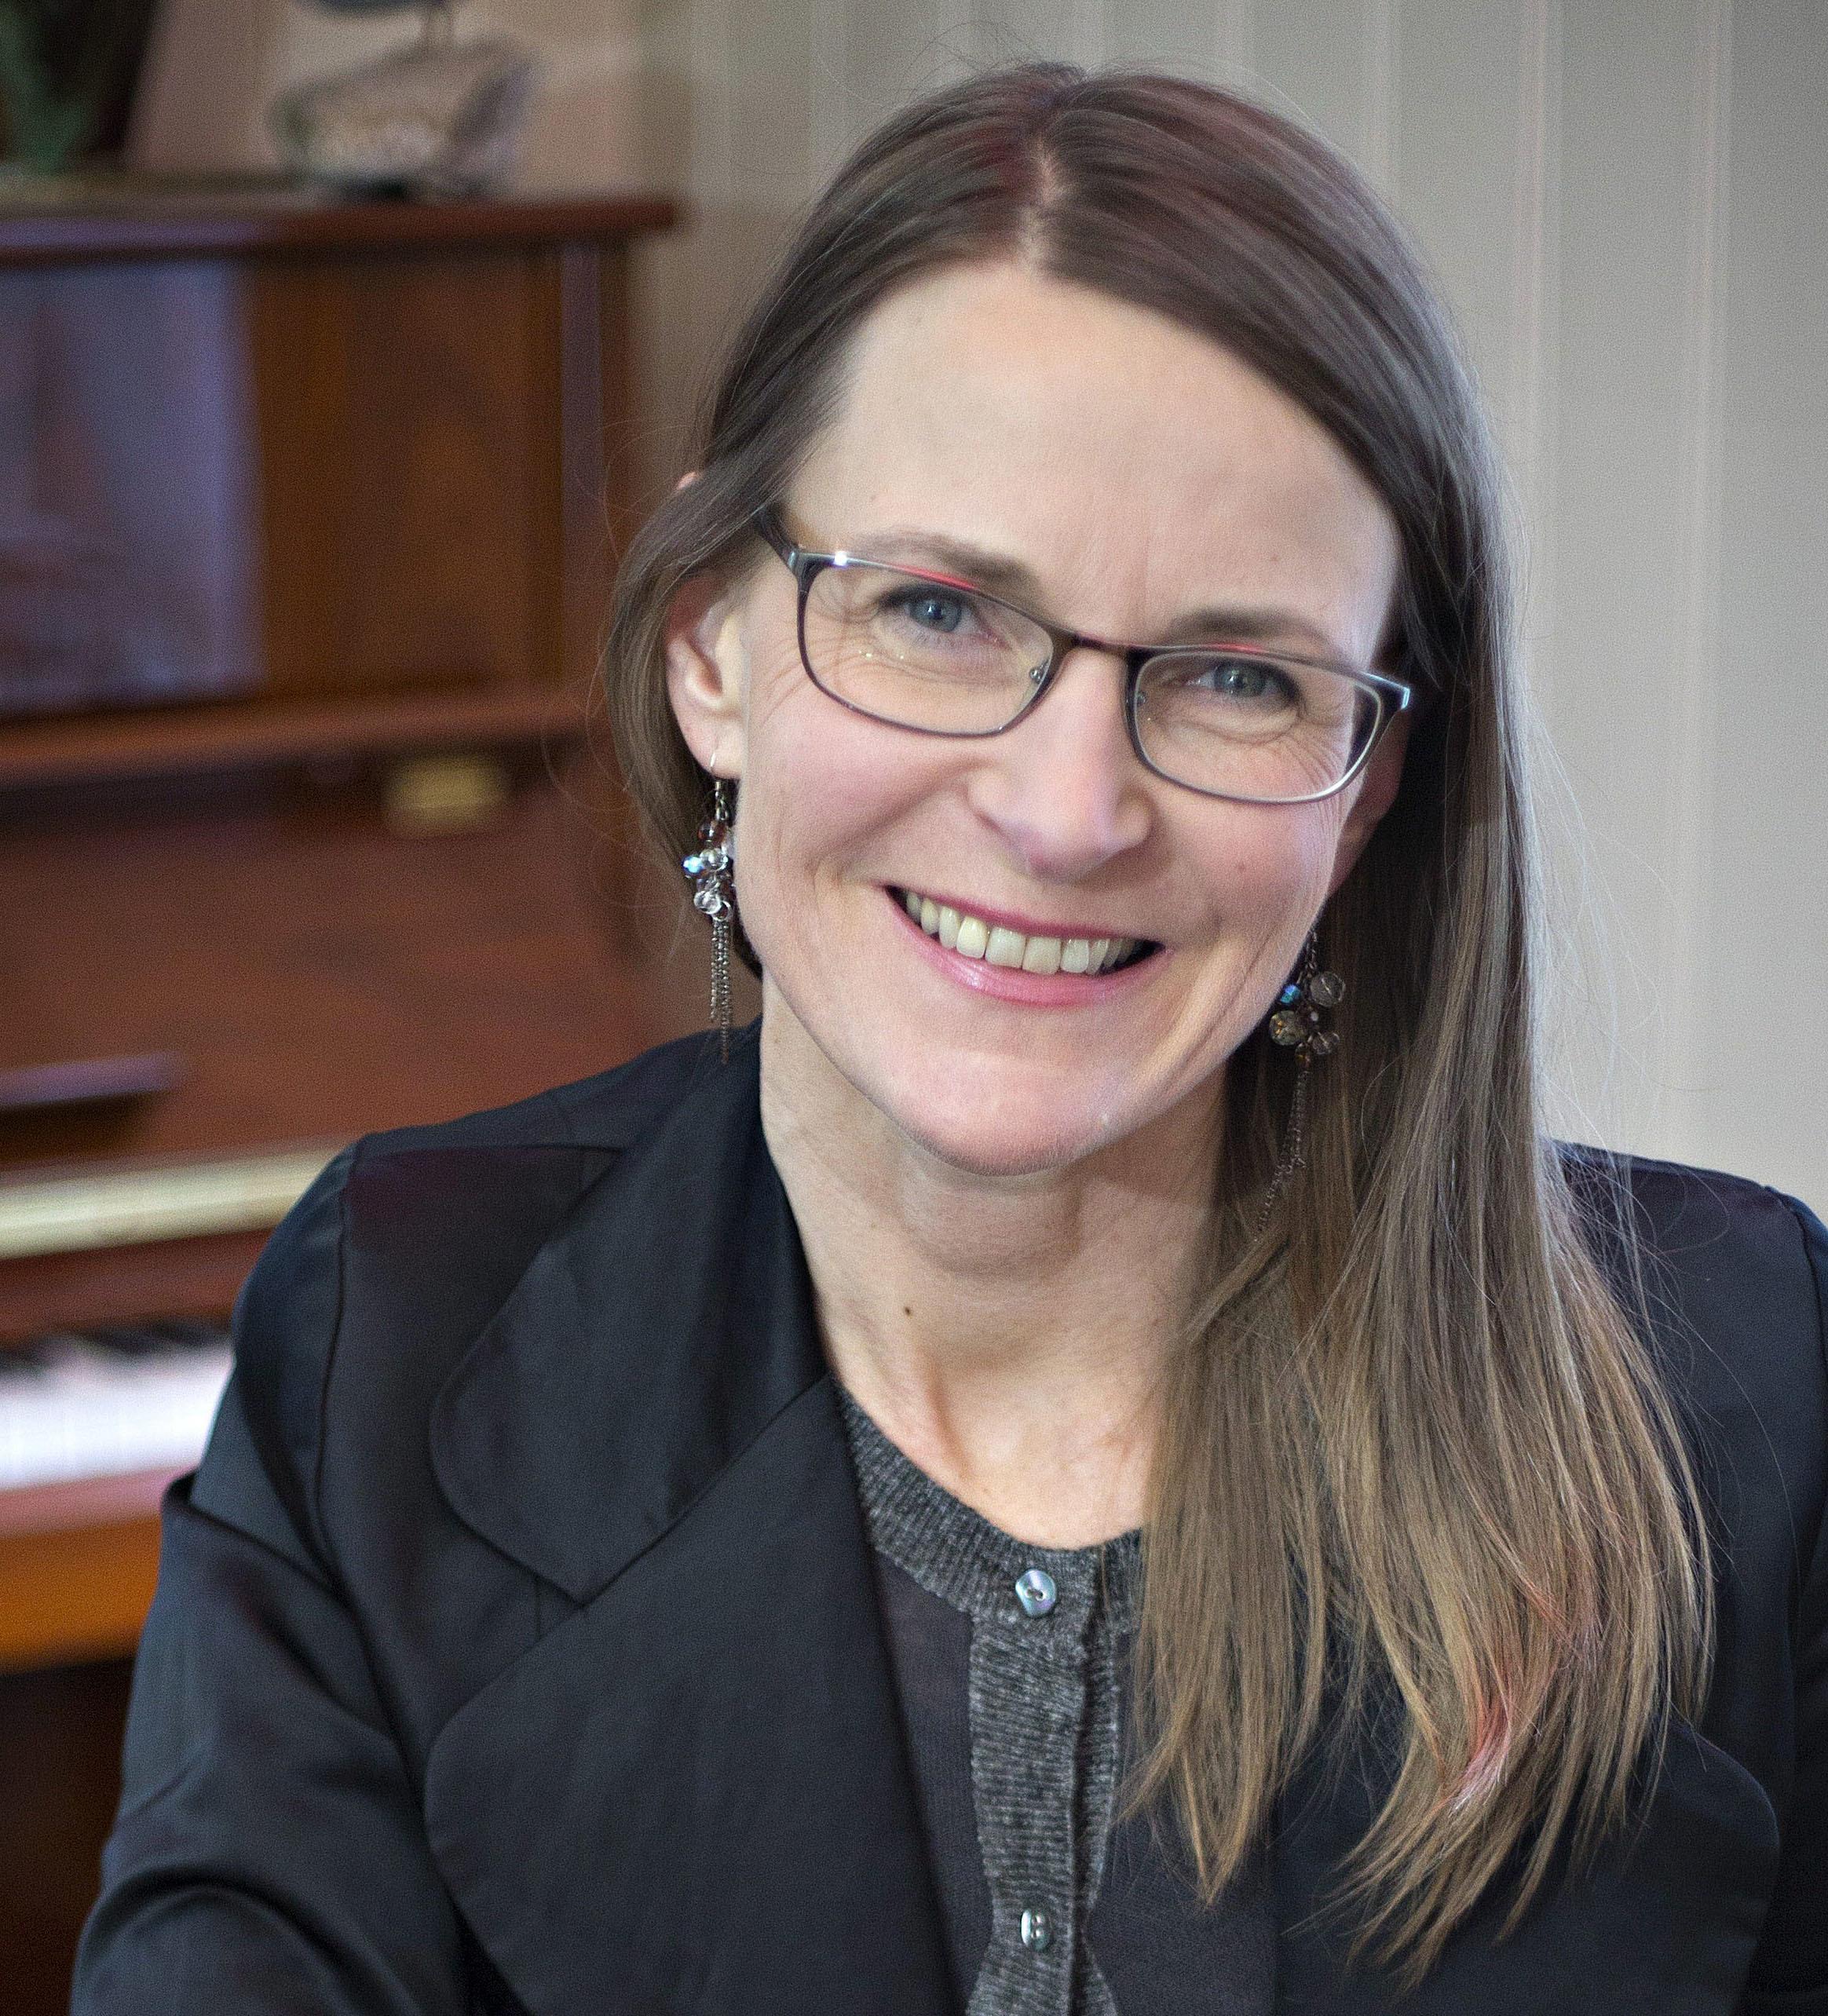 Rakel Steinarsdóttir